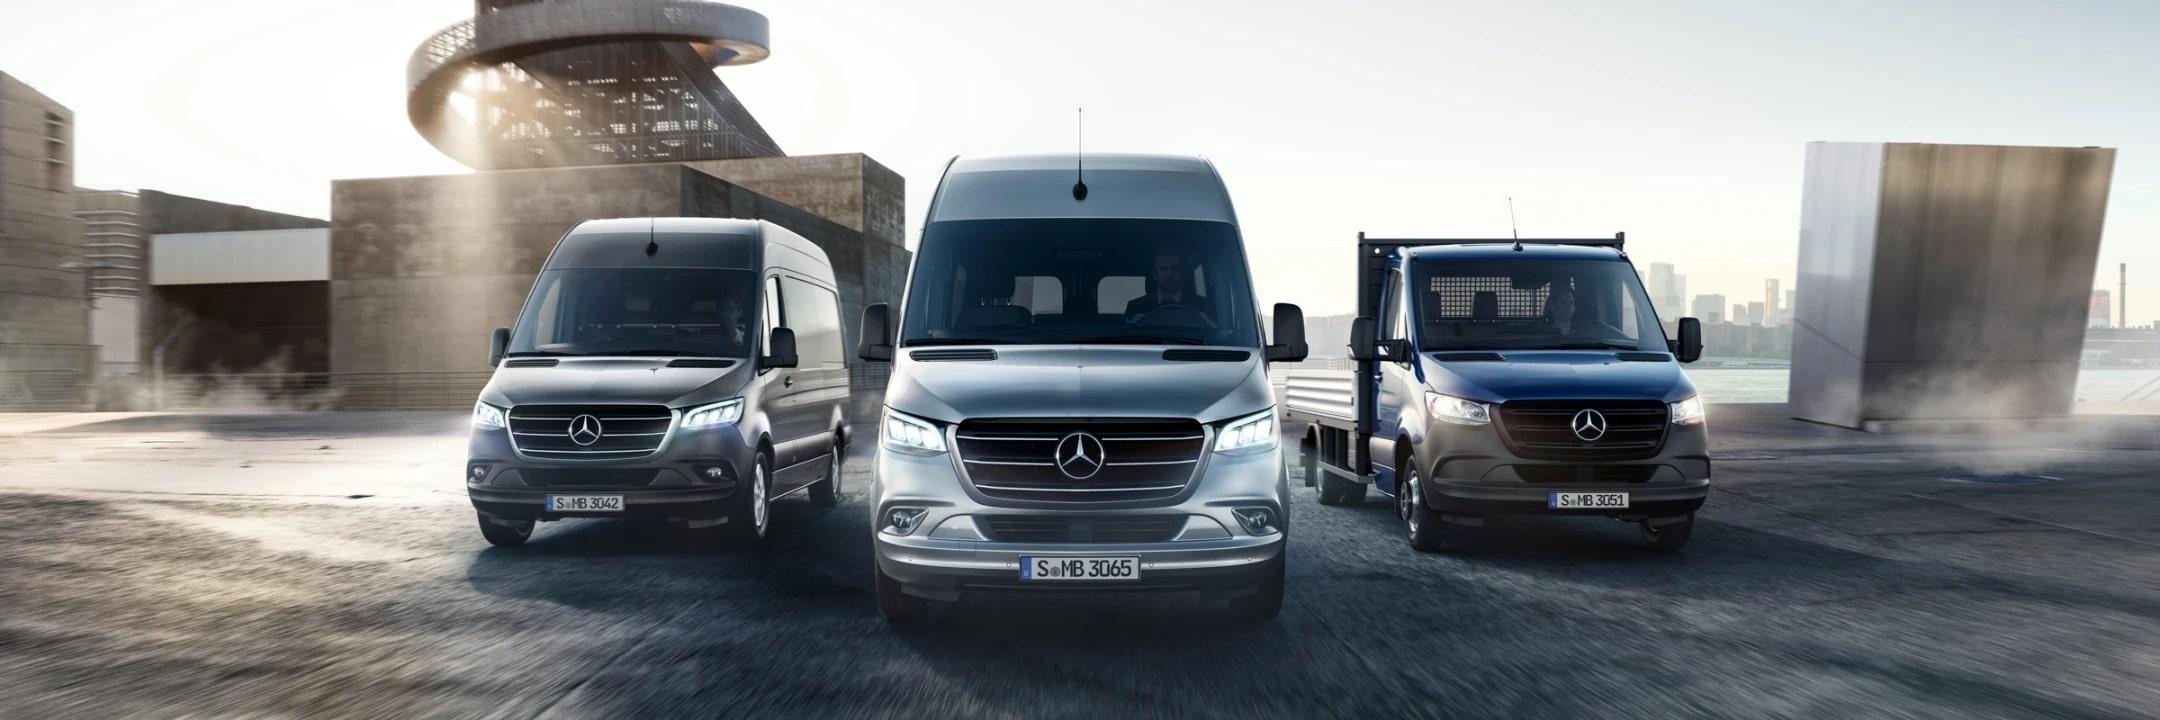 На зображенні асортимент серії з новим Sprinter, Vito і Citan у кадрі.